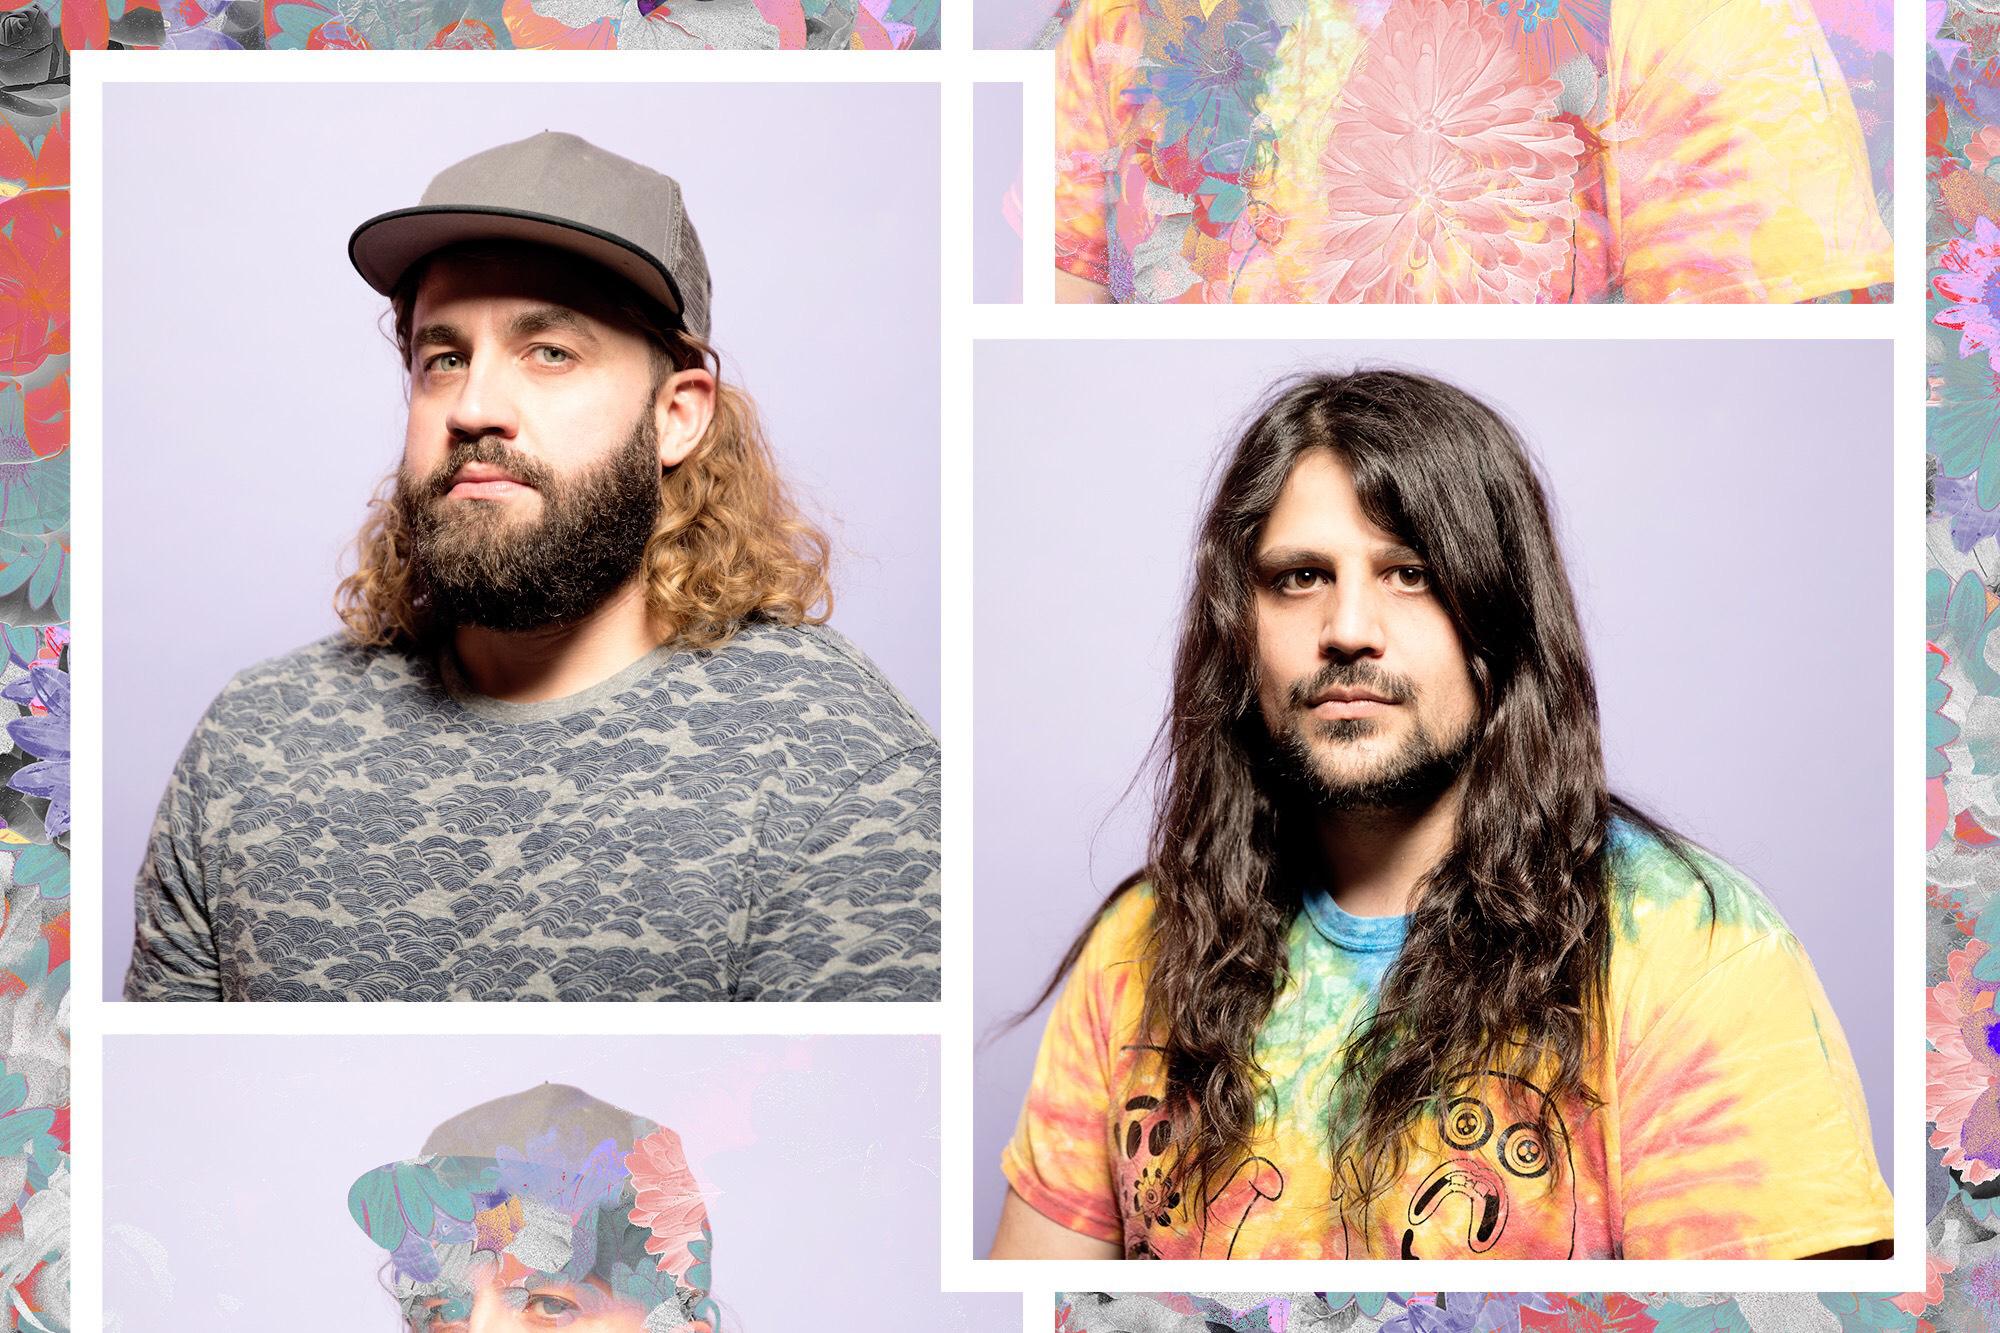 PREMIERE: Brick + Mortar's Brandon Asraf walks us through new LP 'Meta Meta Etc.'